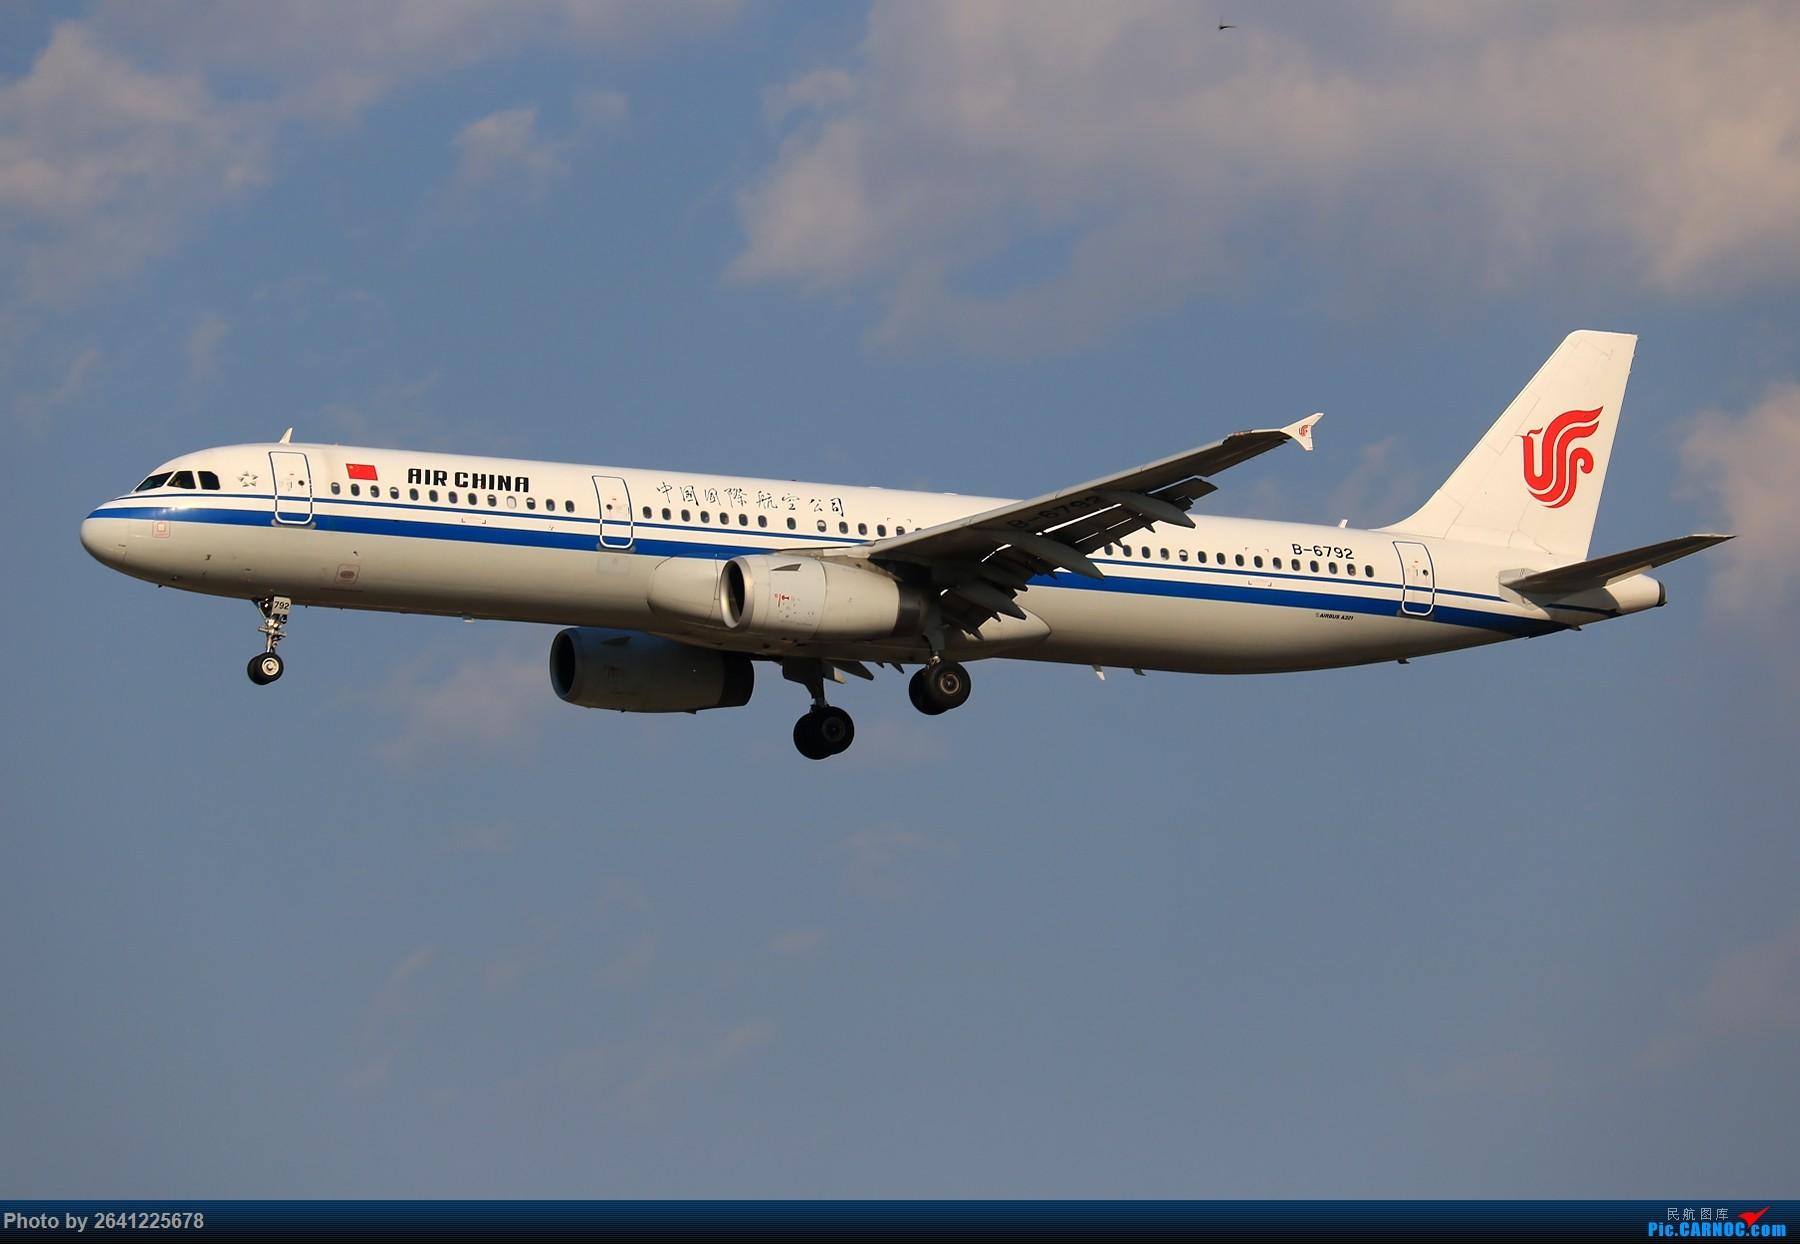 Re:[原创]【PEK】趁着水晶天去拍机(9 pics) AIRBUS A321-200 B-6792 中国北京首都国际机场